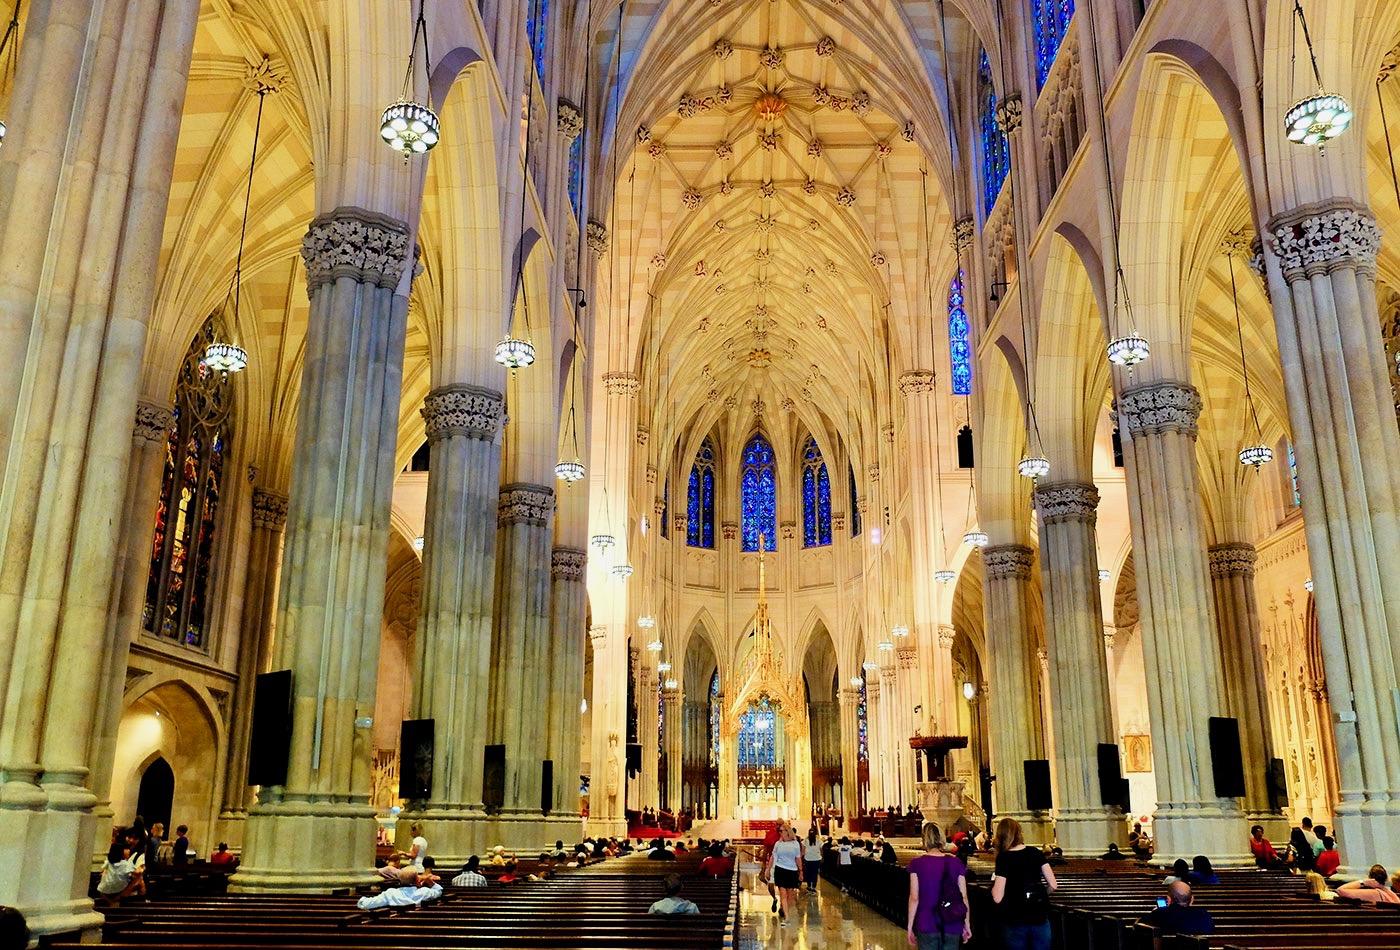 La cattedrale di San Patrizio a New York - Architettura